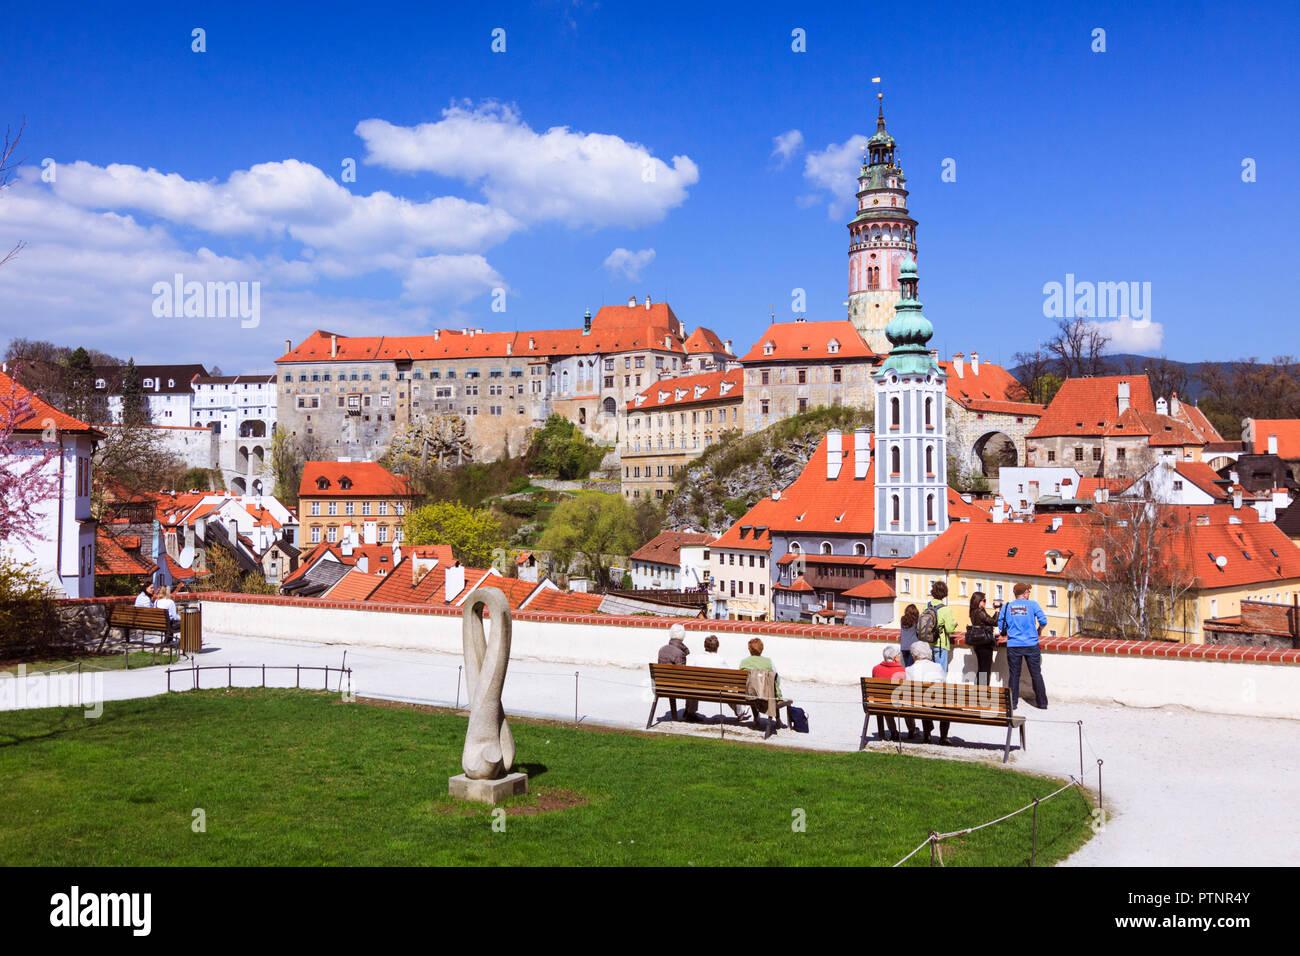 Cesky Krumlov, Südböhmen, Tschechische Republik: Leute schauen auf einen Panoramablick viw der Altstadt und Schloss Krumau. Stockbild